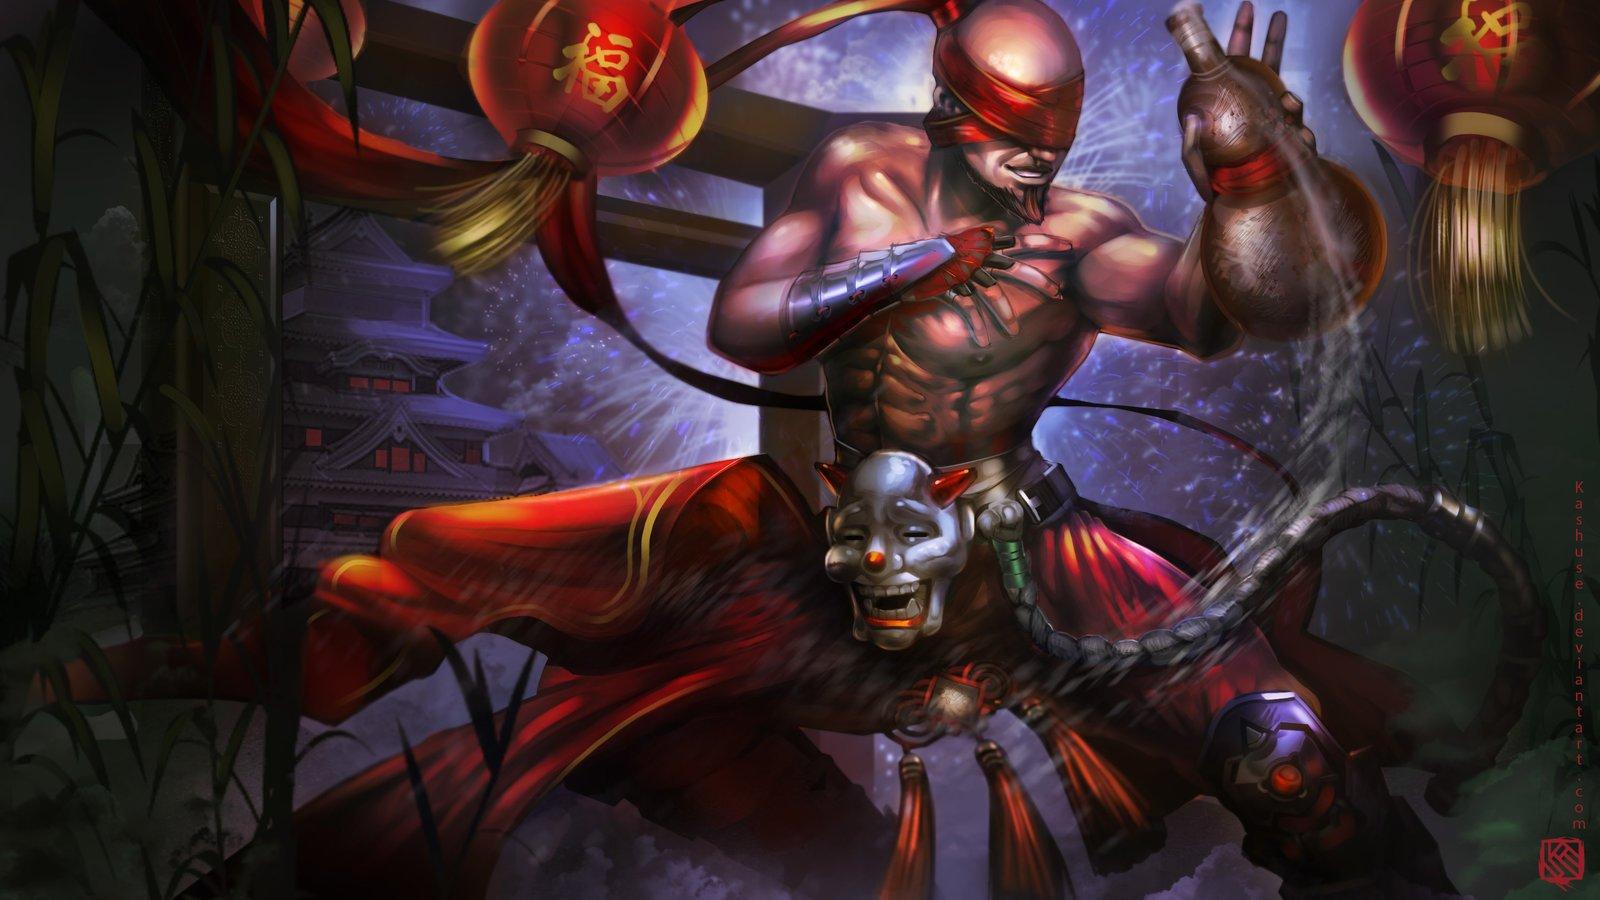 Lee Sin Drunken Fist League Of Legends Fan Art